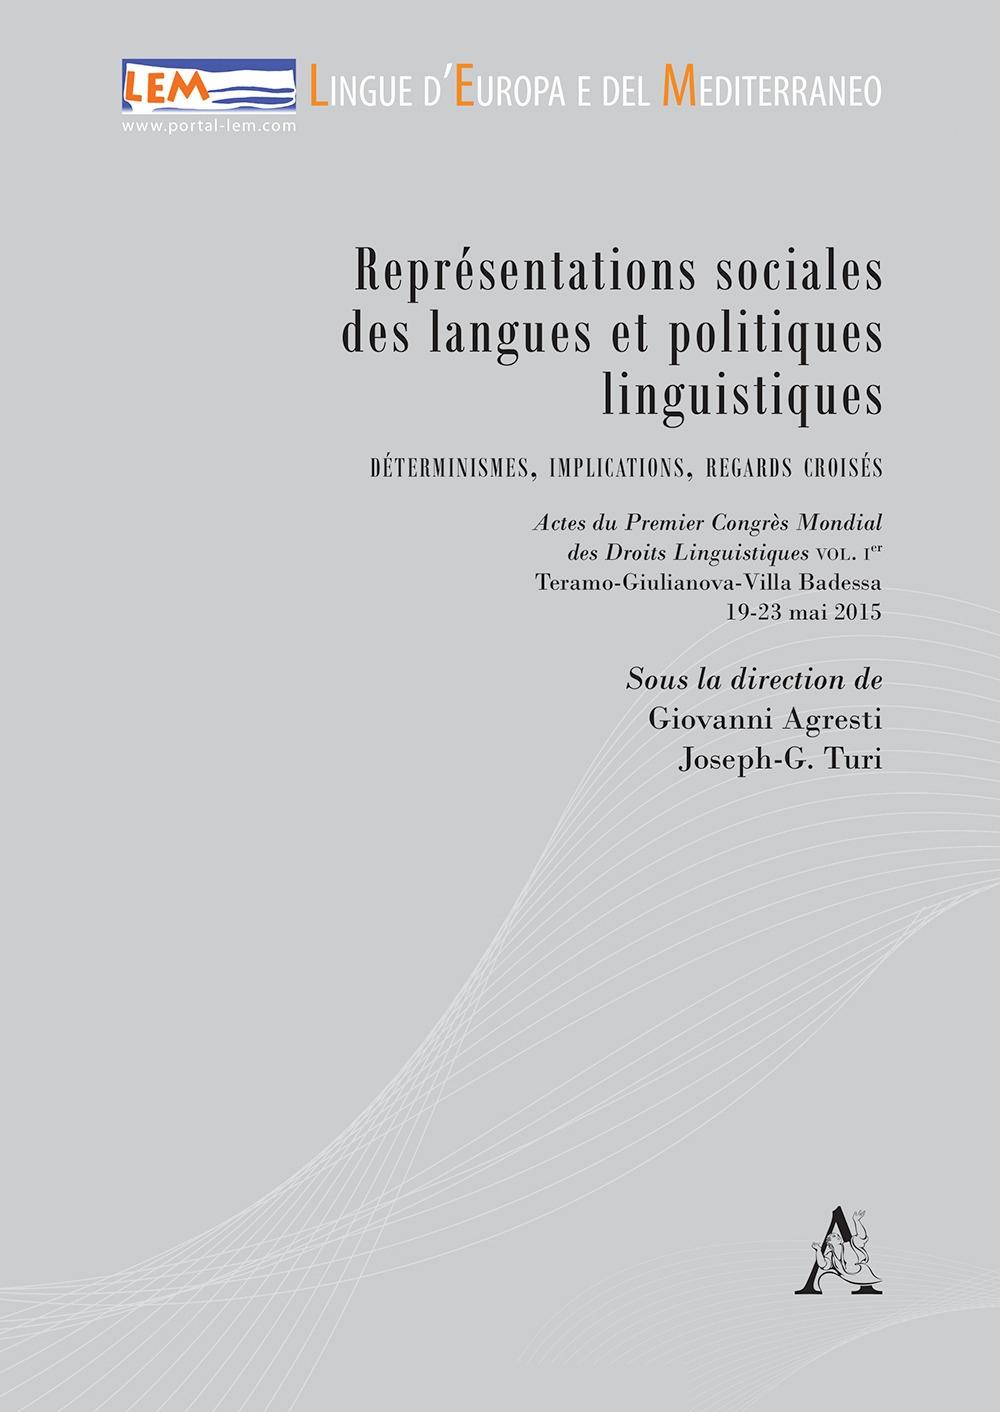 Représentations sociales des langues et politiques linguistiques. Déterminismes, implications, regards croisés